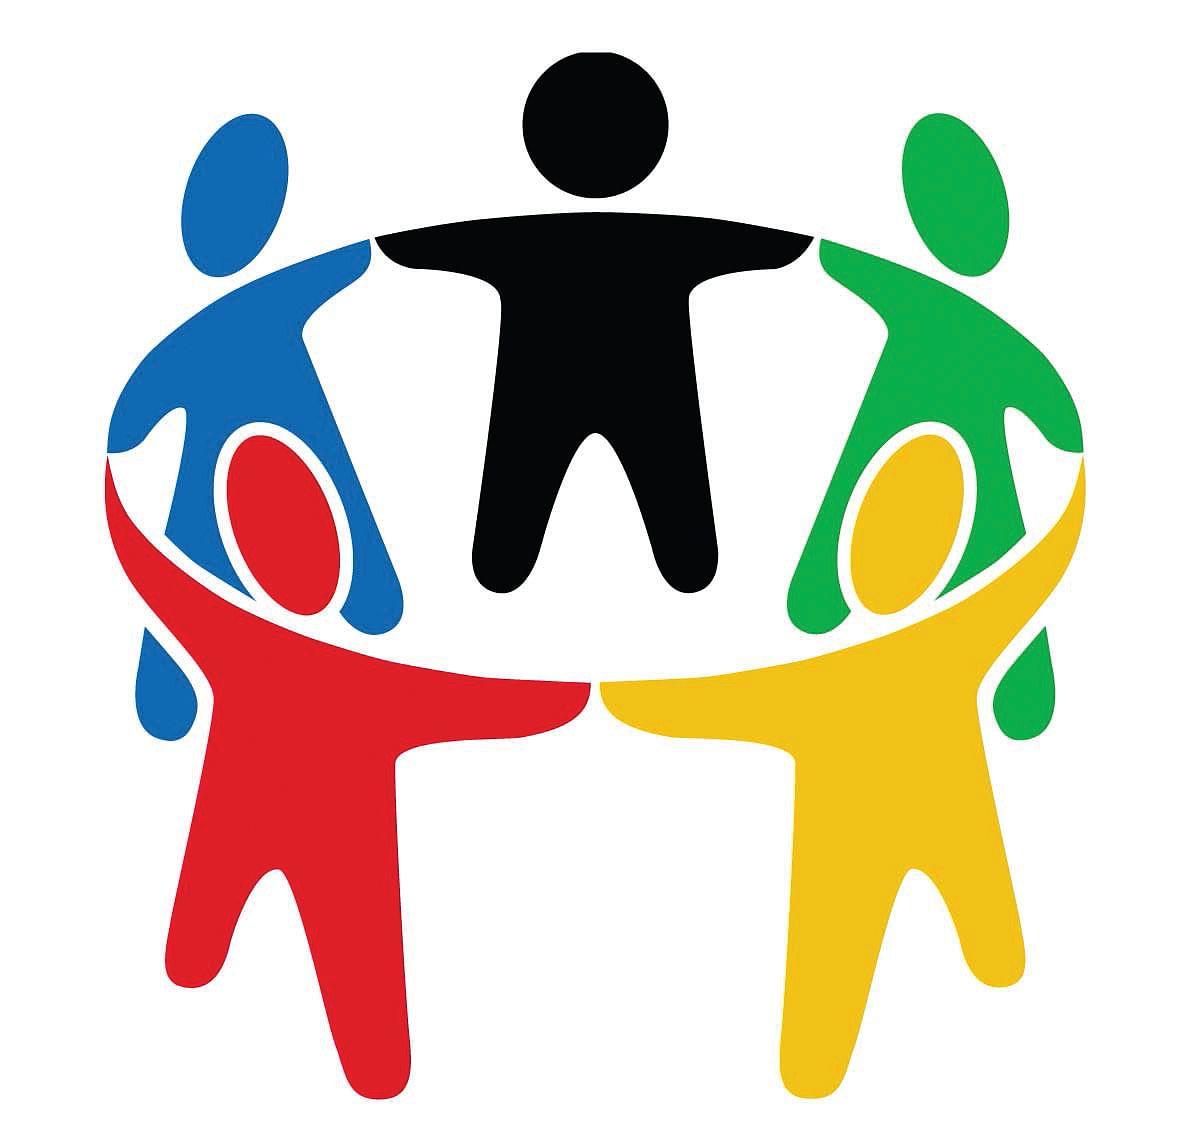 सहकारी संस्थांच्या संचालकांसह अधिकार्यांची 'कुंडली' जमा करा